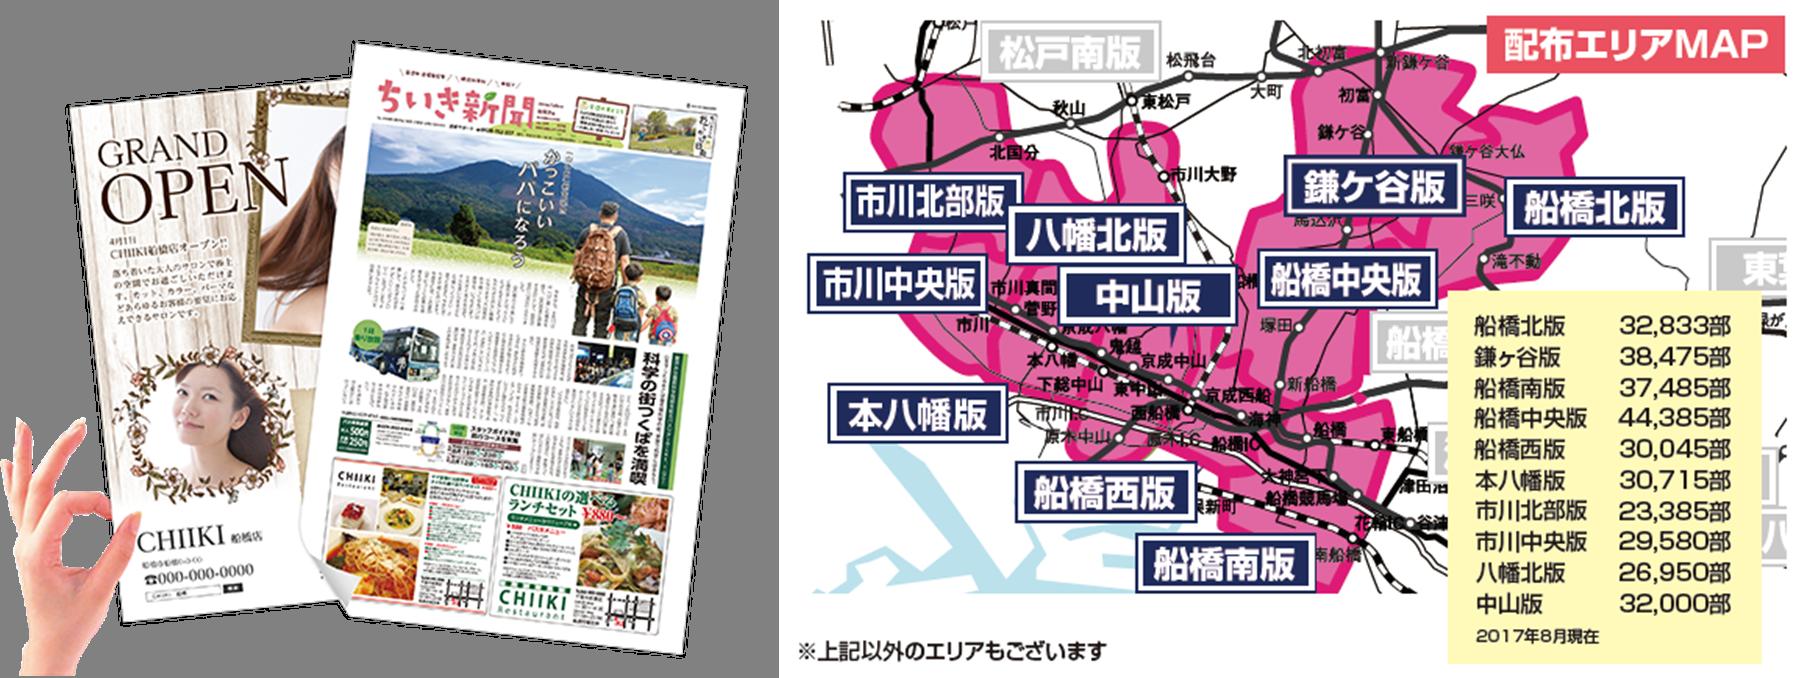 【鎌ケ谷市 ポスティングエリアMAP・部数一覧】